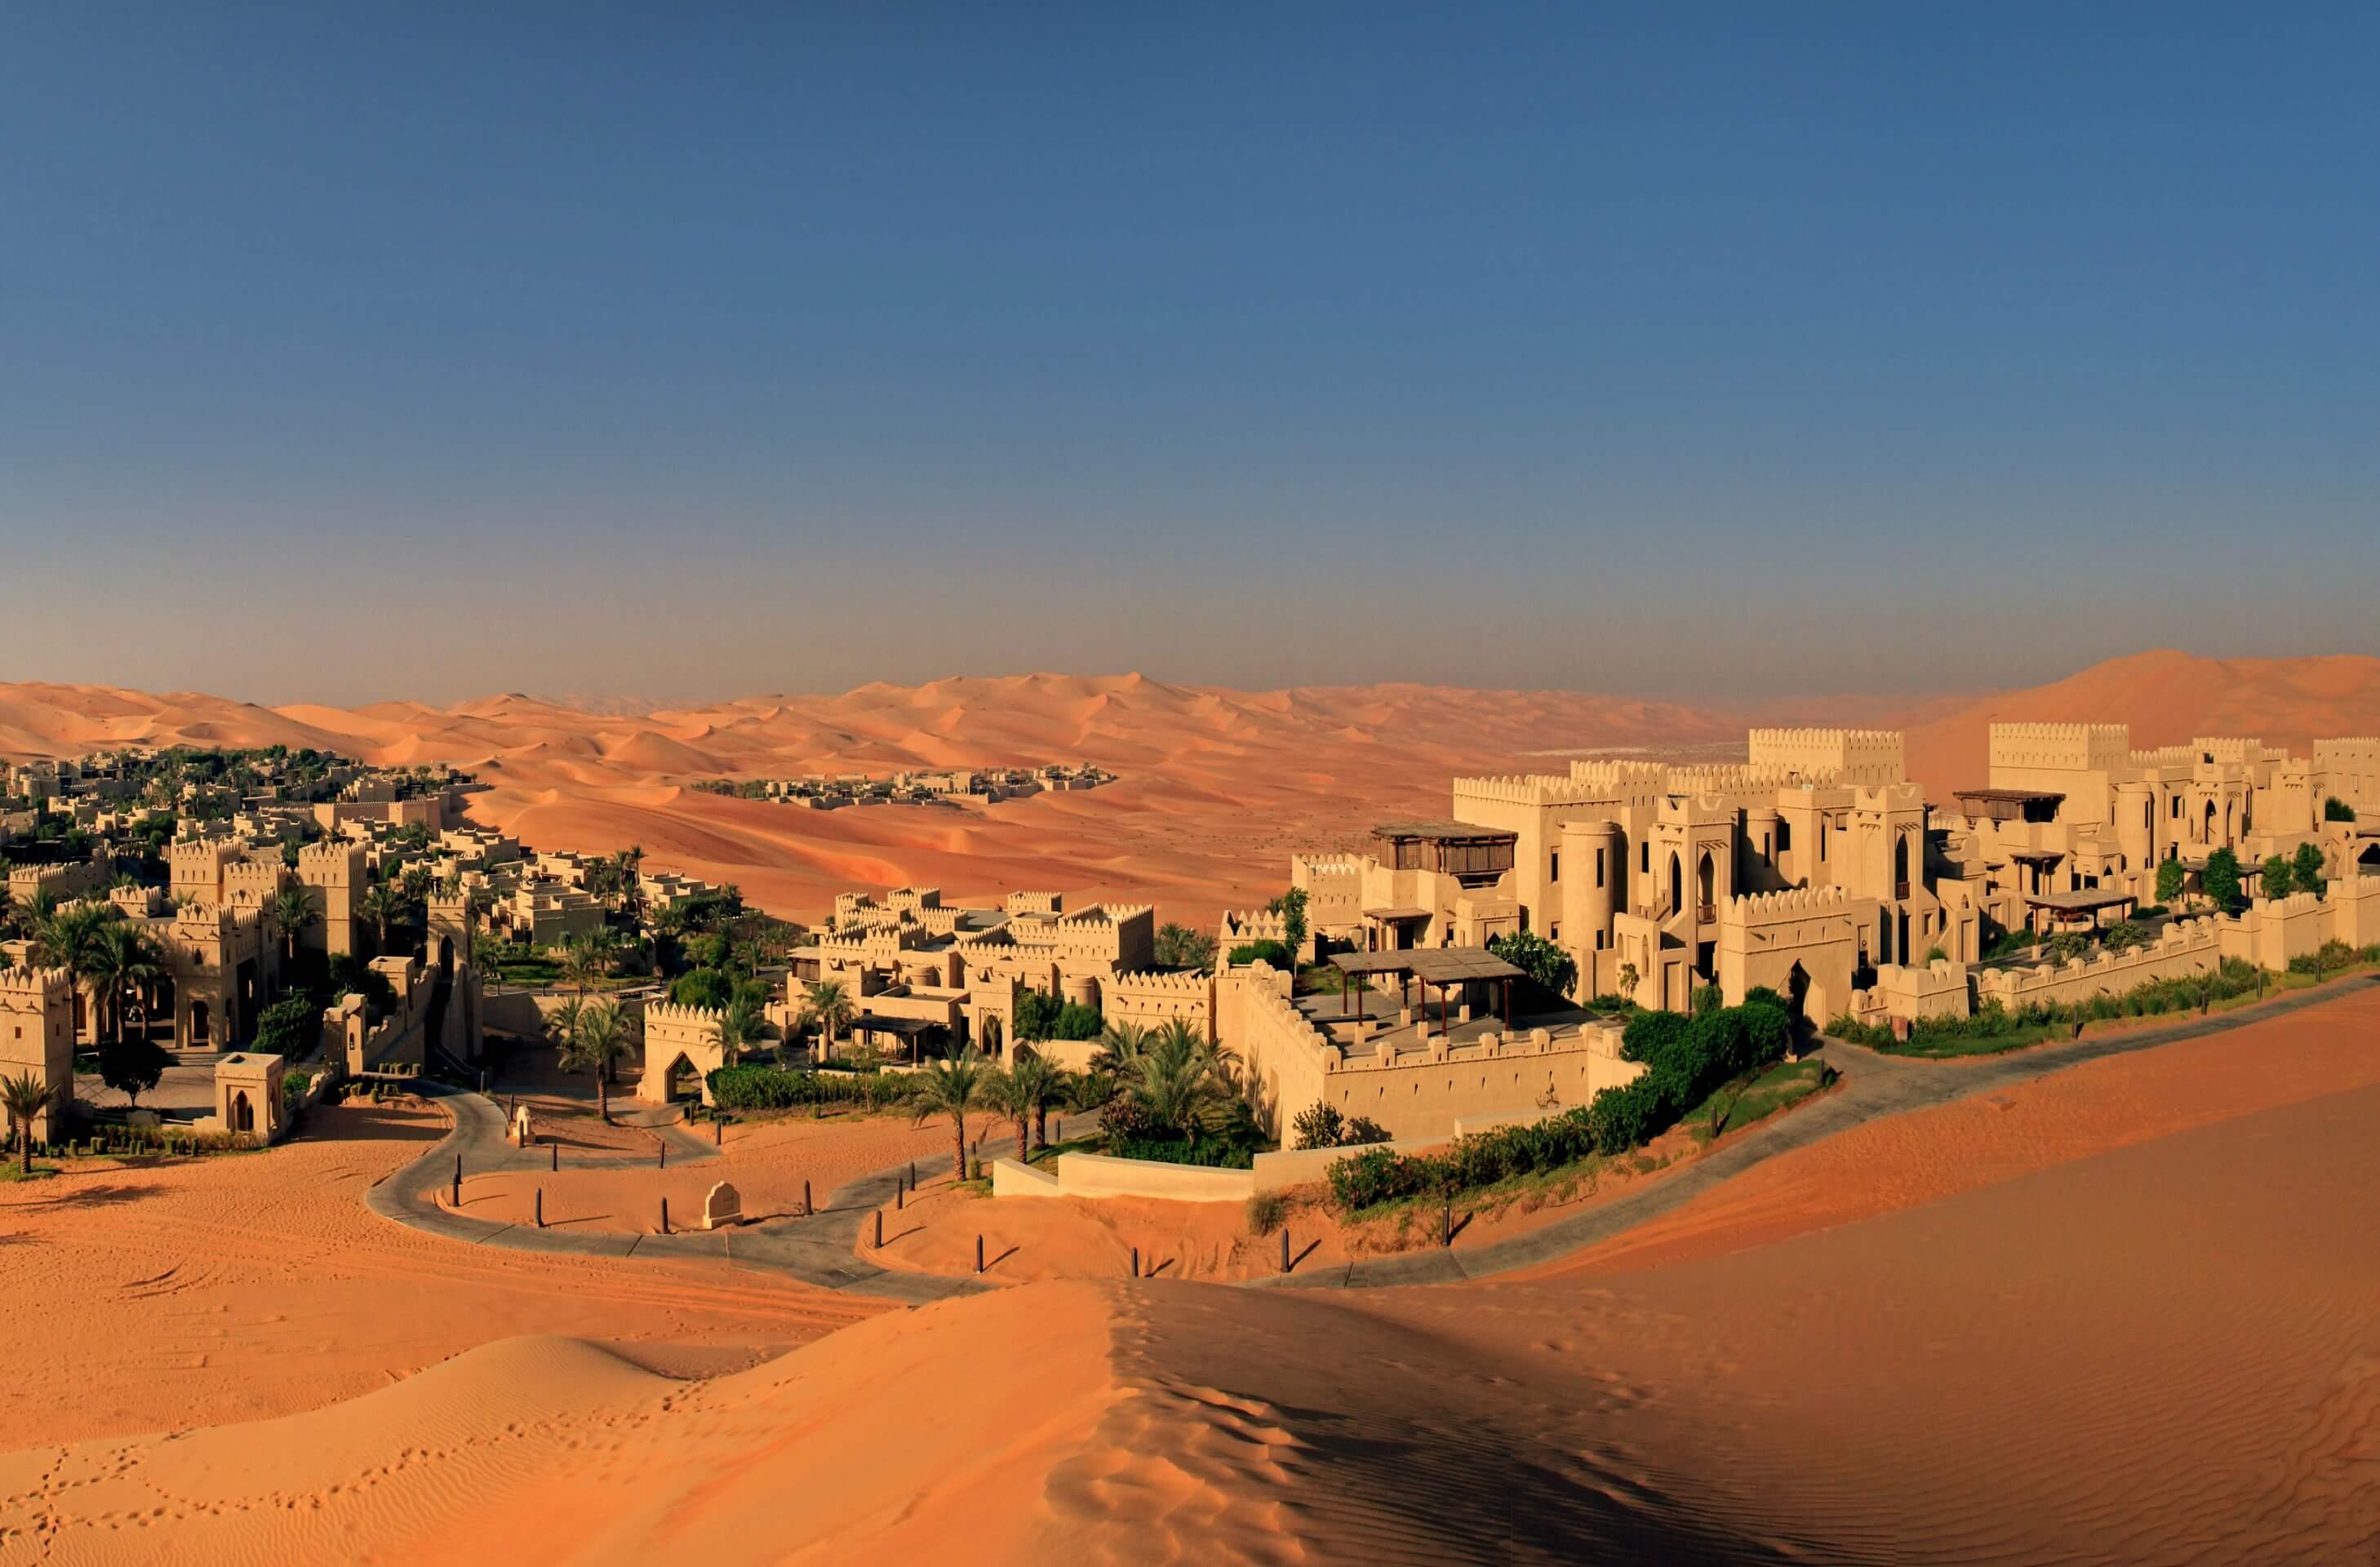 قصر السراب منتجع الصحراء يحصد لقب جديد ليضاف الى قائمة ألقابه